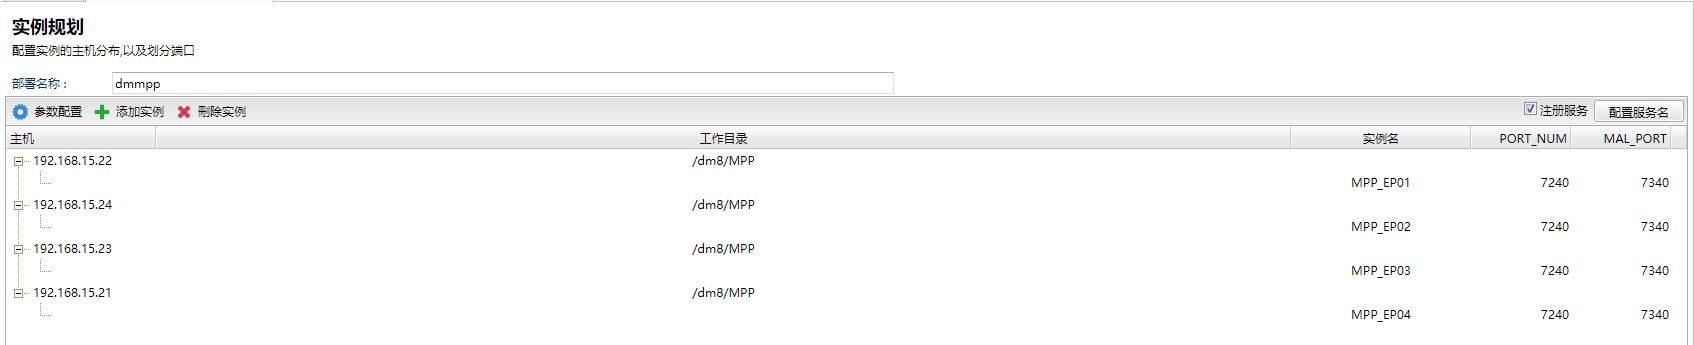 dem_mpp_2.4.1_1.png